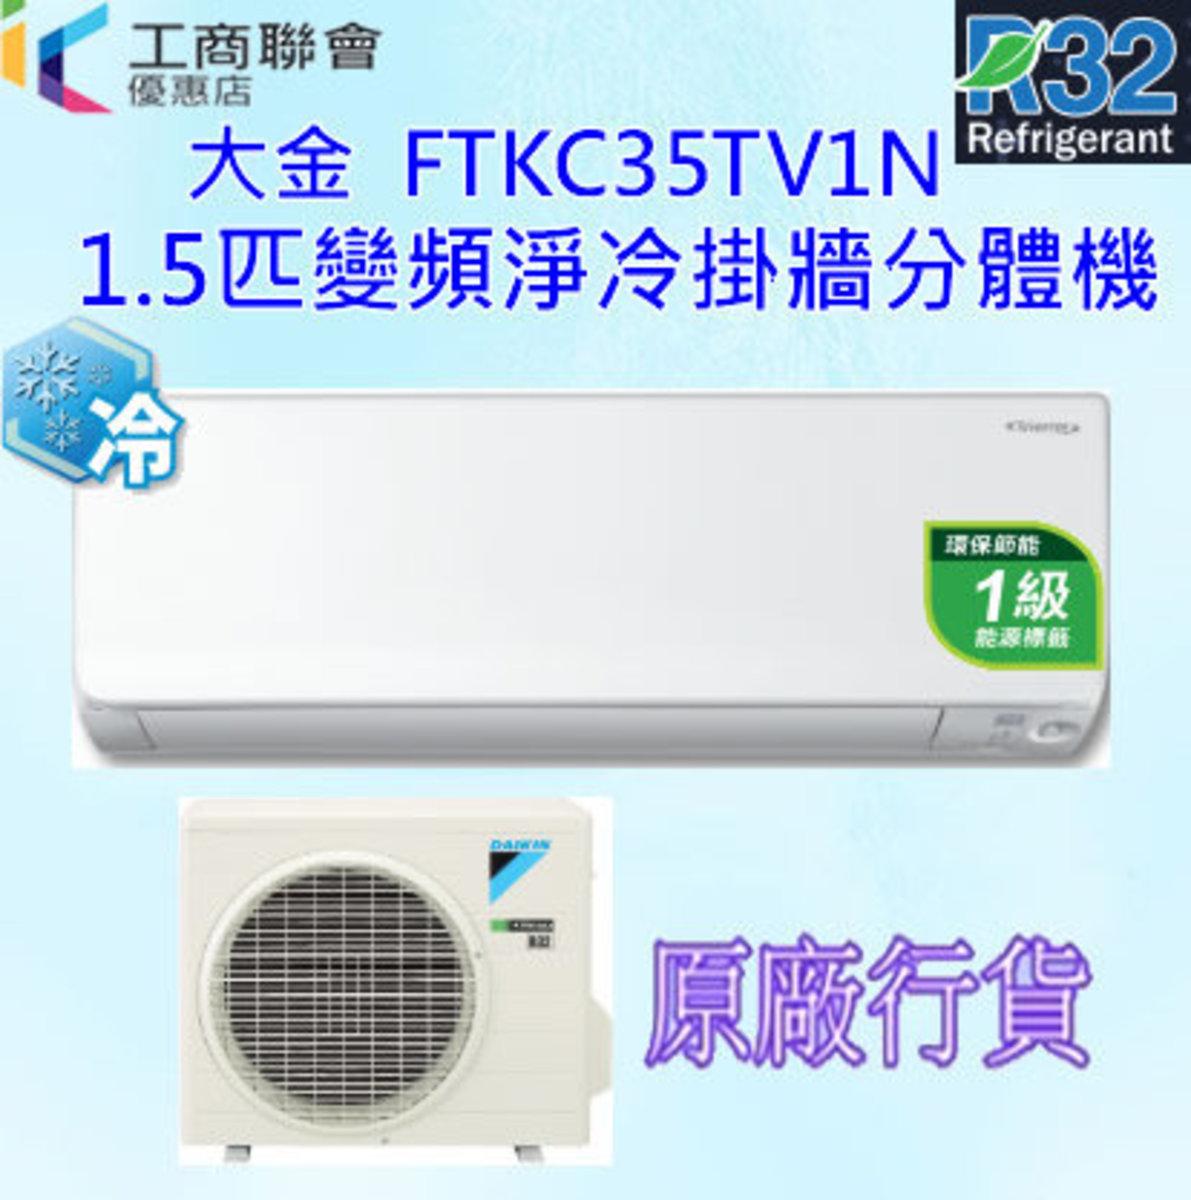 大金 FTKC35TV1N 匹半 R32 變頻淨冷分體式冷氣機